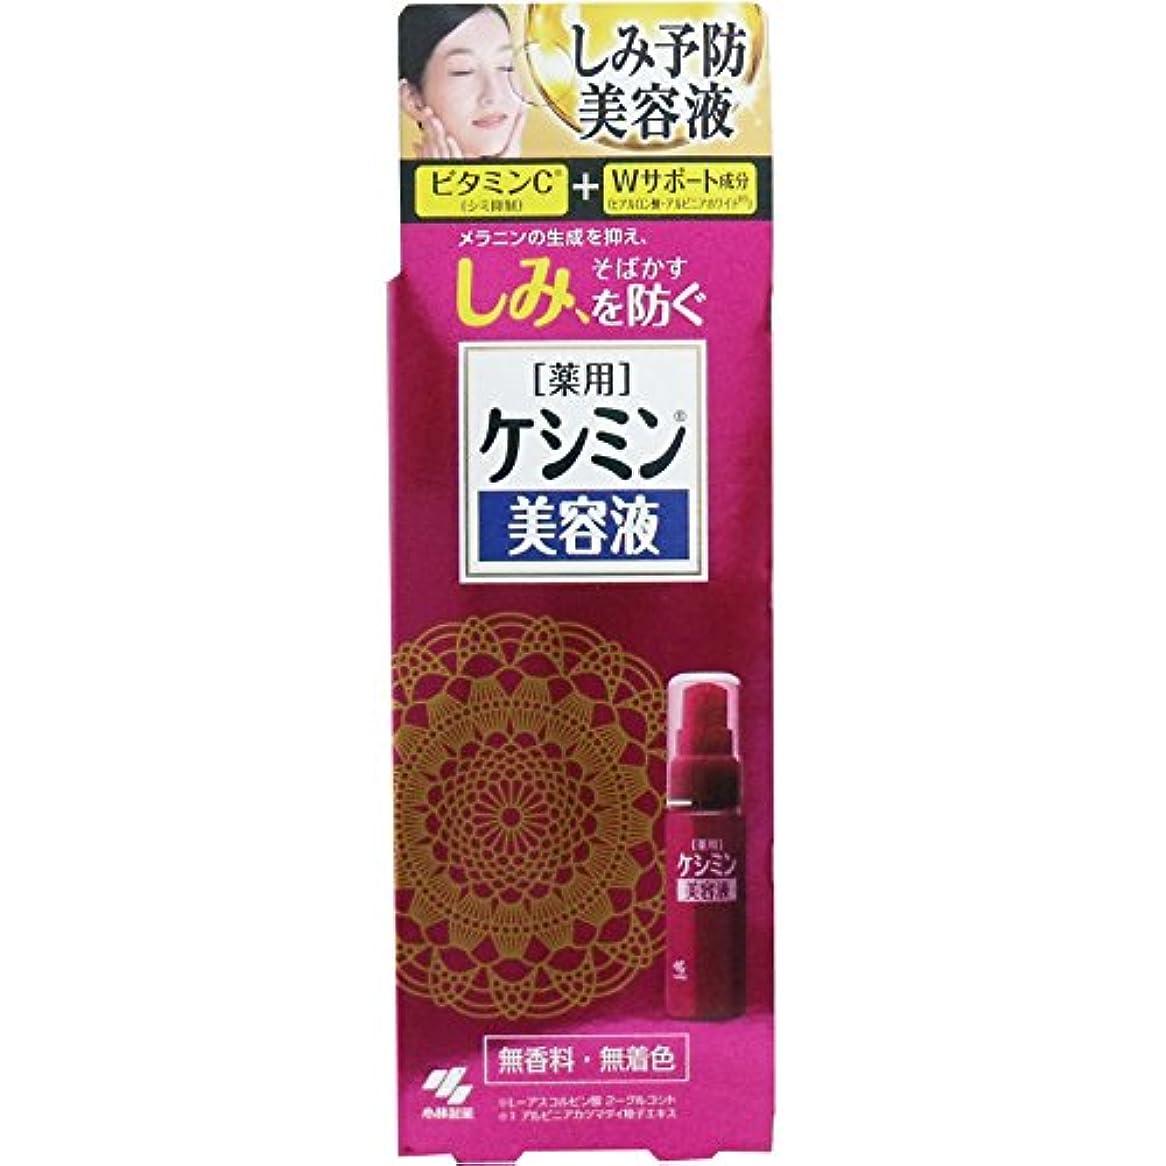 ケシミン美容液 シミを防ぐ 30ml×6個